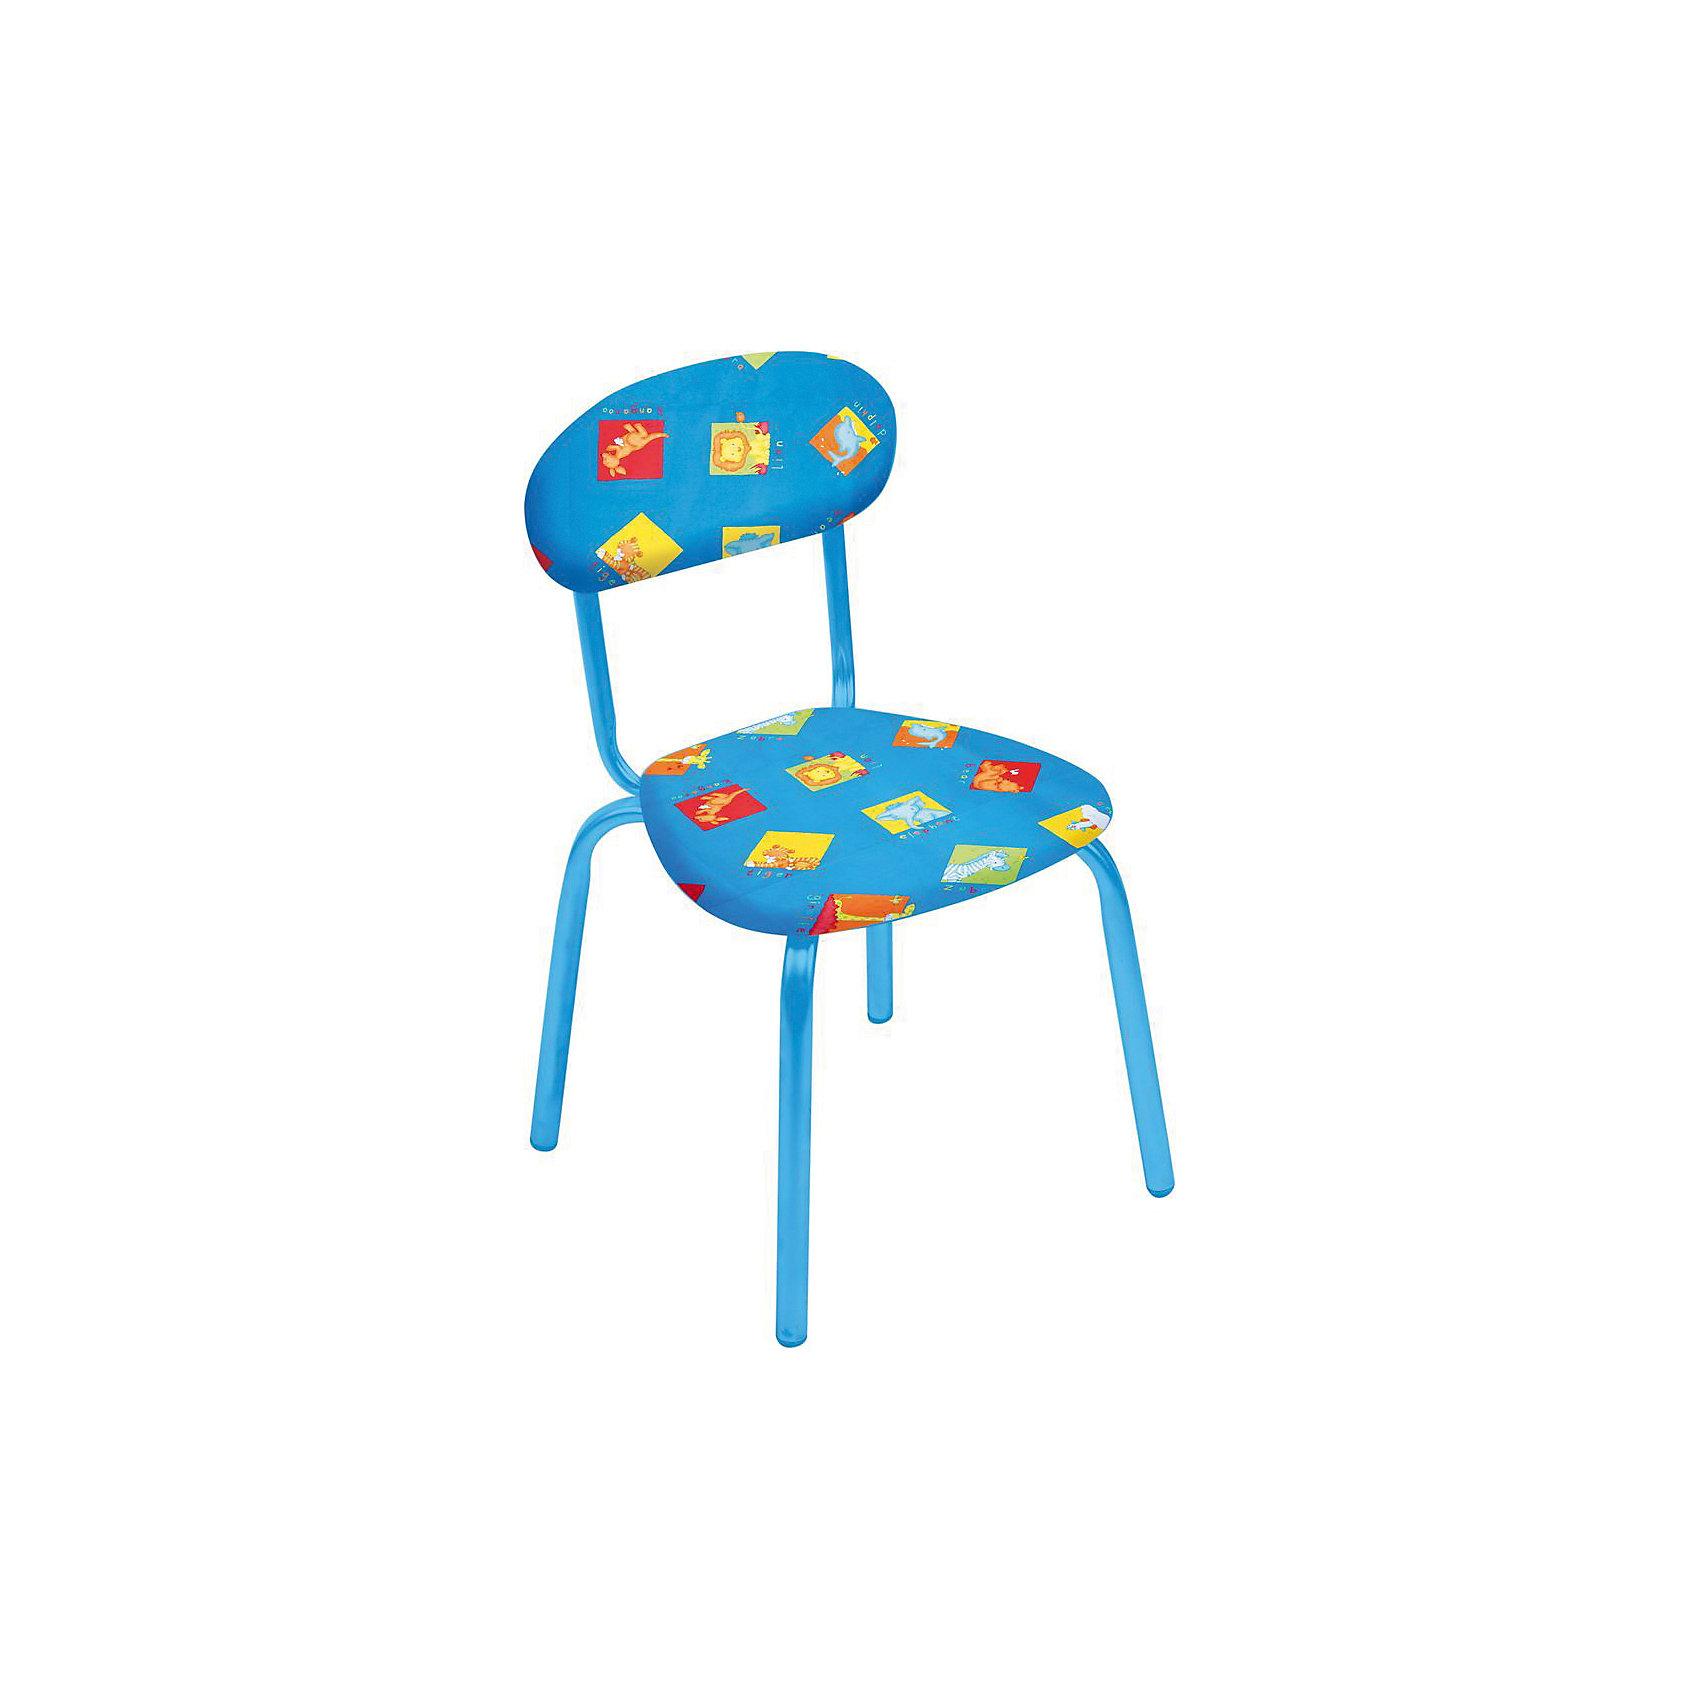 Стул СТУ5. Звери на синем, НикаСтолы и стулья<br>Стул СТУ5. Звери на синем, Ника.<br><br>Характеристики:<br><br>- Для детей от 1.5 до 3 лет<br>- Высота до сидения: 29 см.<br>- Высота по спинке: 54 см.<br>- Размер сидения: 31х28 см.<br>- Материал: металл окрашенный, фанера, поролон, пластмасса, ткань (замша) или винилискожа<br>- Основной цвет: синий<br>- Мягкое сиденье и спинка<br>- Устойчивая конструкция<br>- Яркие рисунки<br><br>Стул «Звери на синем» разработан специально для детей от полутора до трех лет. Он легкий, устойчивый и занимает немного места. Сидение и спинка стула выполнены из фанеры и обиты поролоном. Каркас металлический. Стул декорирован яркими рисунками, которые понравятся малышам. Стул «Звери на синем» - это отличное решение для игр, творчества и развивающих занятий! Ведь правильно подобранная детская мебель помогает ребенку расти здоровым, и способствует формированию правильной осанки. Изделие производится из качественных сертифицированных материалов, безопасных даже для самых маленьких.<br><br>Стул СТУ5. Звери на синем, Ника можно купить в нашем интернет-магазине.<br><br>Ширина мм: 350<br>Глубина мм: 545<br>Высота мм: 320<br>Вес г: 1900<br>Возраст от месяцев: 180<br>Возраст до месяцев: 36<br>Пол: Унисекс<br>Возраст: Детский<br>SKU: 5253029